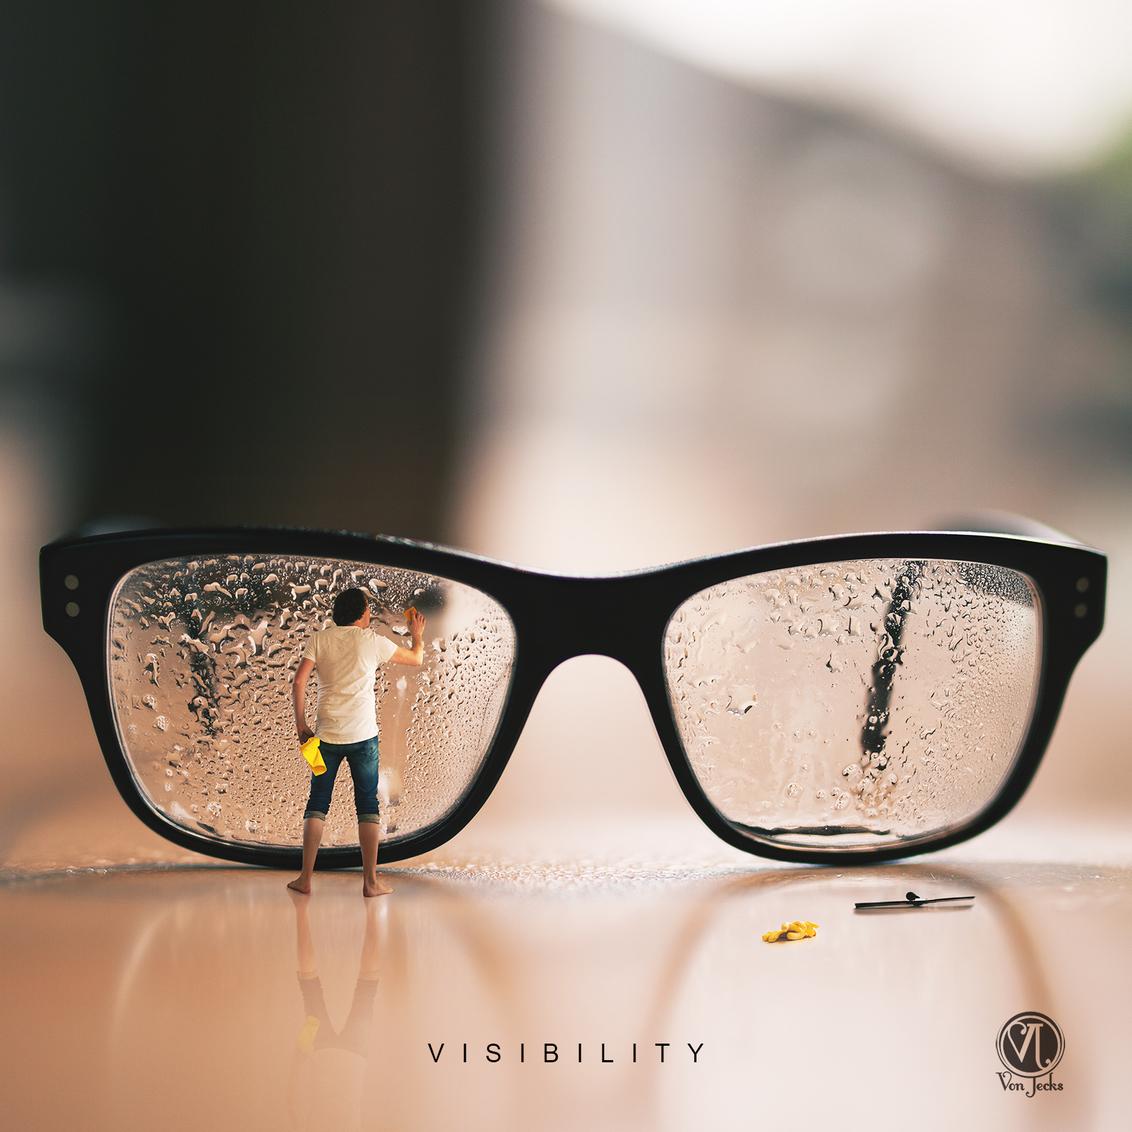 VISIBILITY - - - foto door jeroenvaneck op 28-12-2015 - deze foto bevat: licht, bewerkt, fantasie, kunst, vintage, bewerking, sfeer, contrast, photoshop, creatief, manipulatie, bewerkingsopdracht, bewerkingsuitdaging